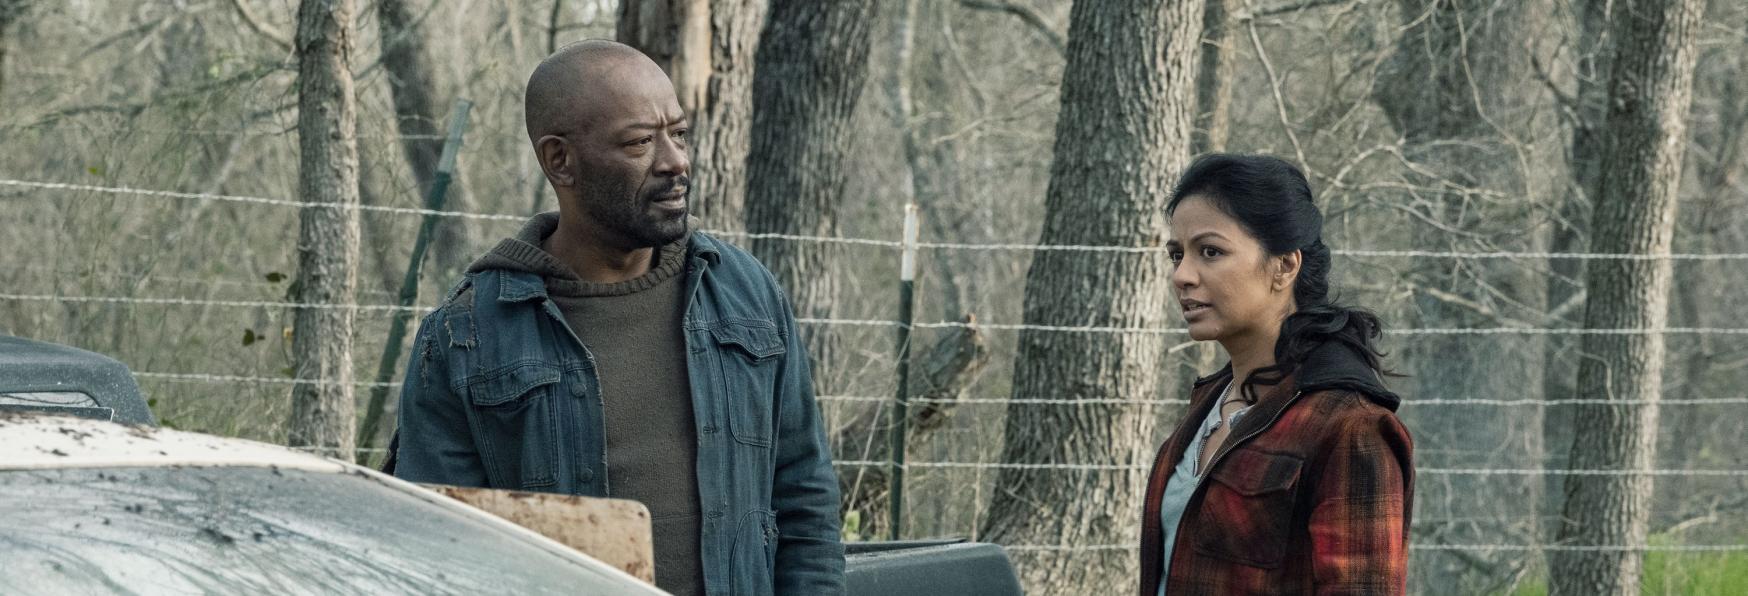 Fear the Walking Dead 7: Pubblicato un primo Sguardo alla nuova Stagione